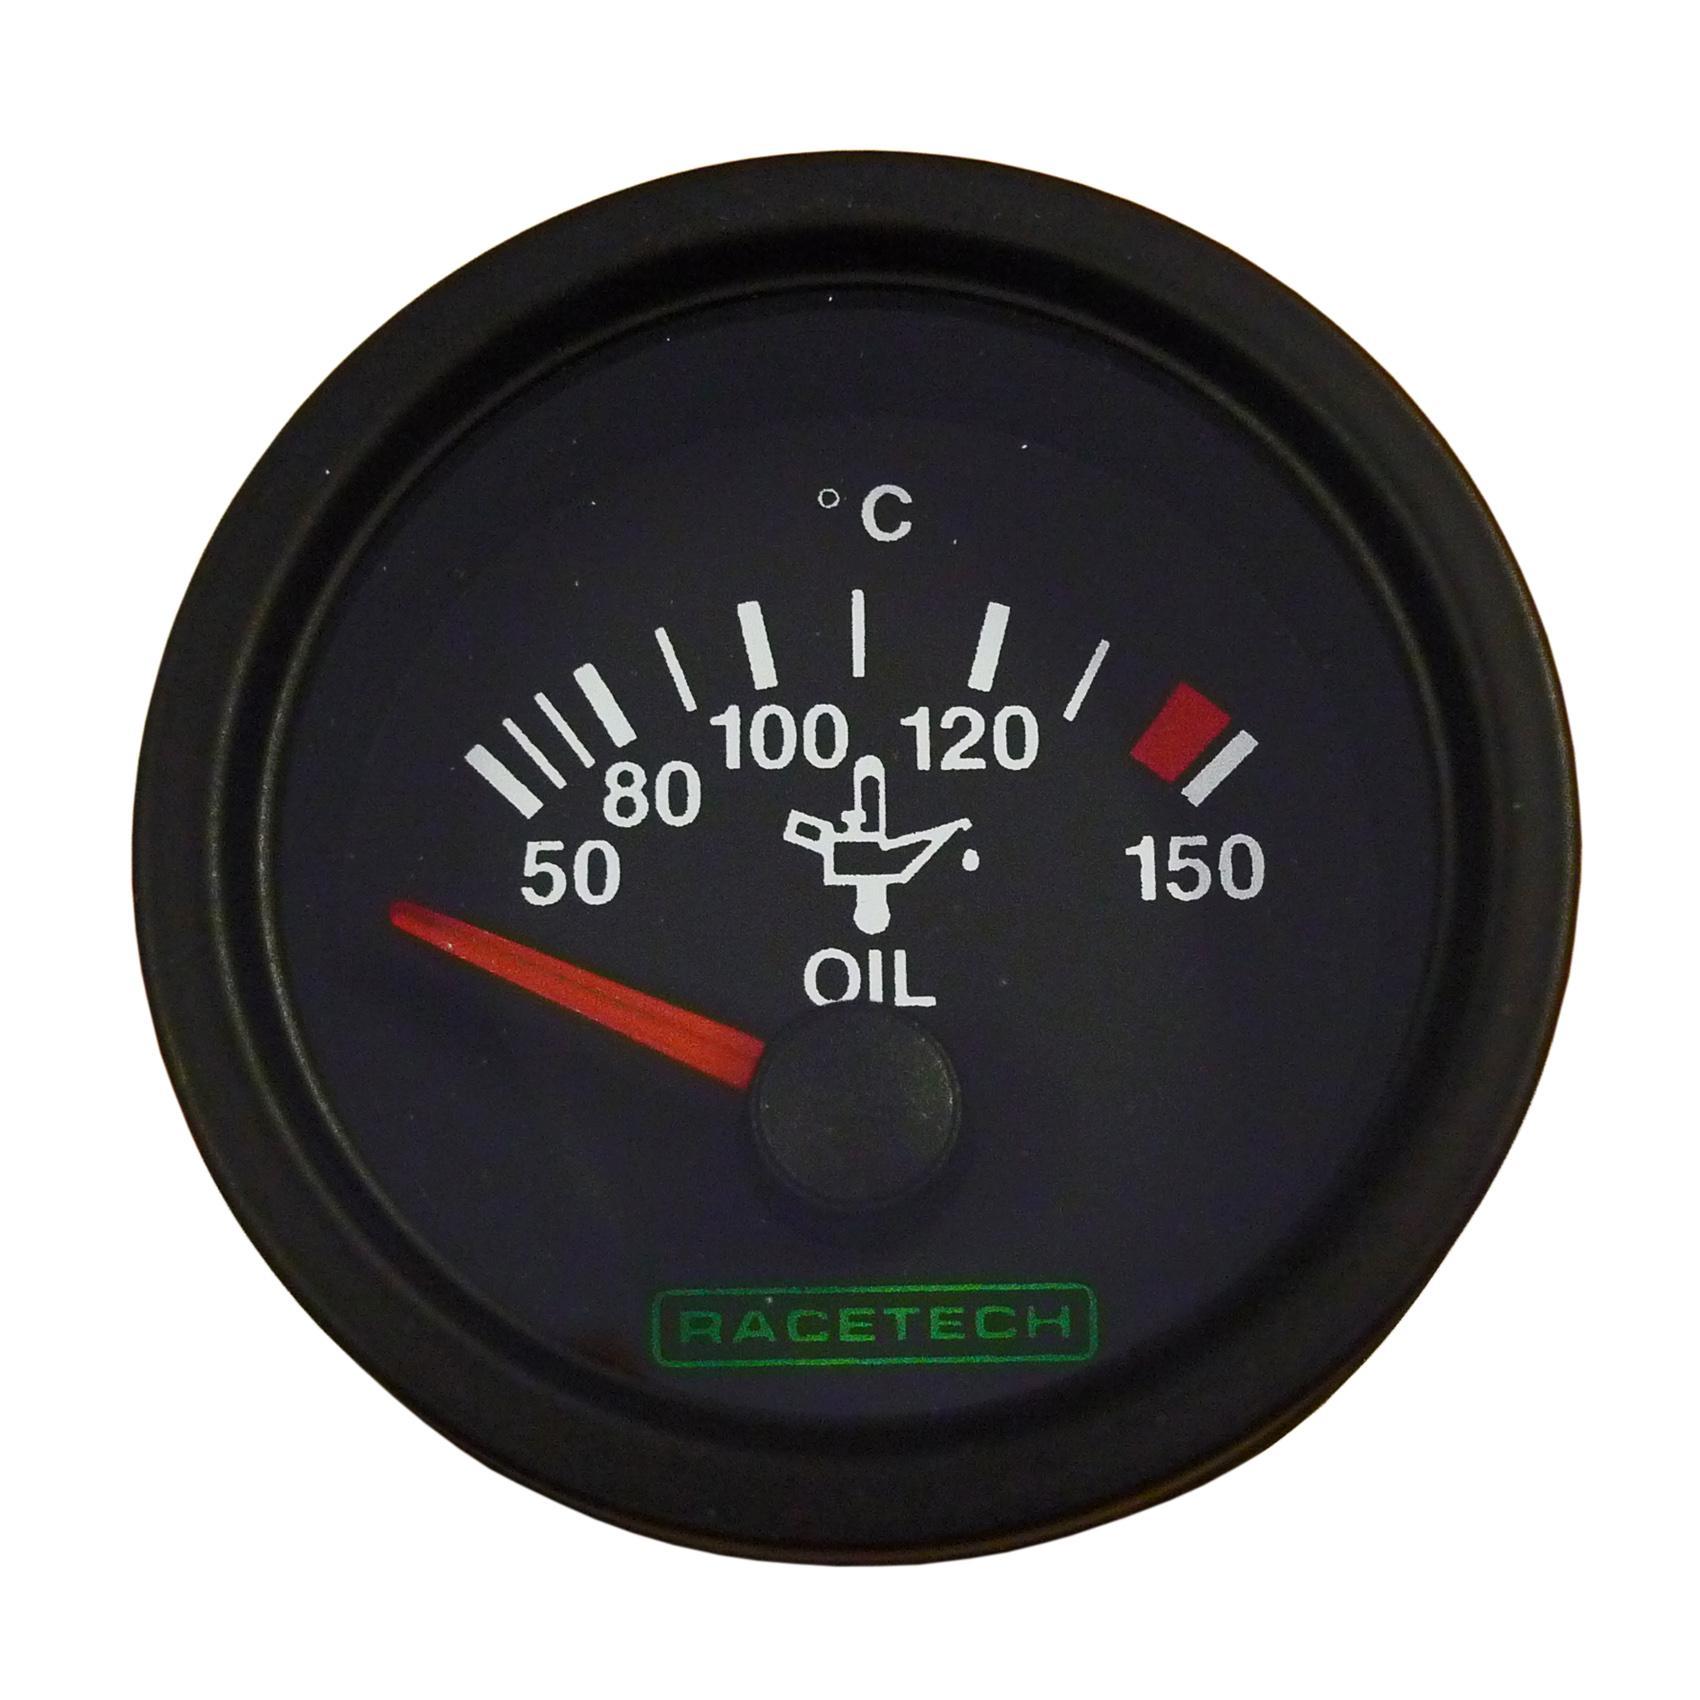 Racetech Electric Oil Temperature Gauge from Merlin Motorsport